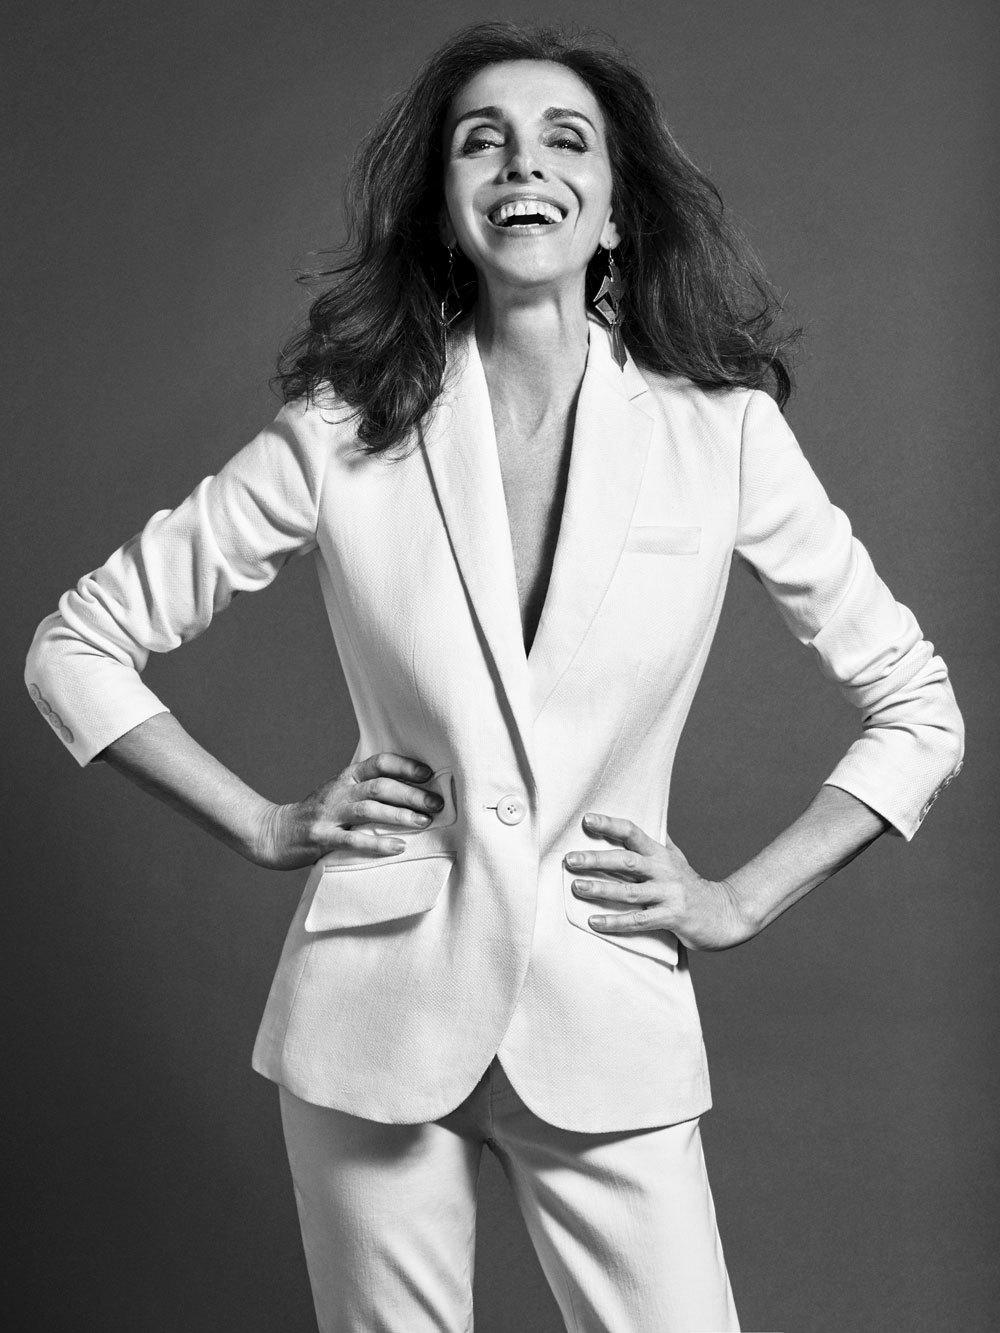 Ana Belén en nuestra sesión de fotos, con total look blanco.